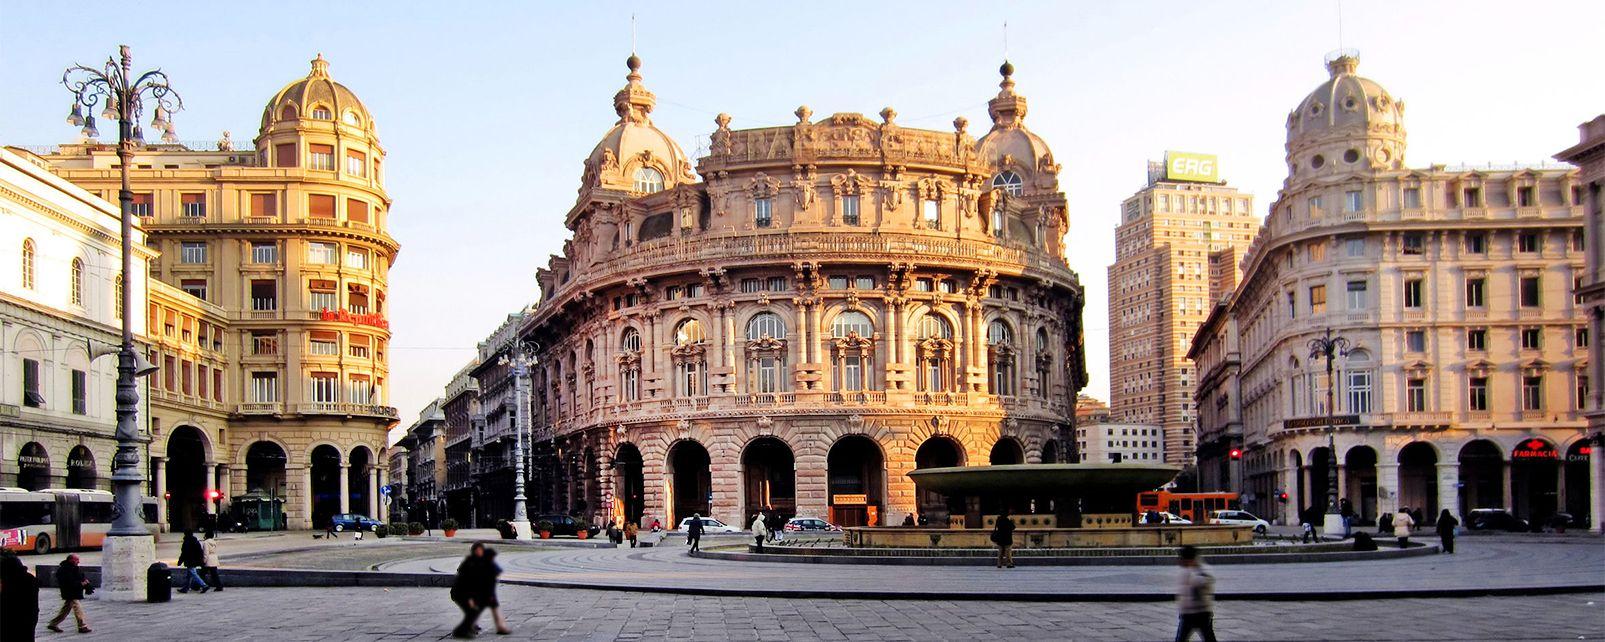 Le centre historique de g nes ligurie italie for Hotels genes